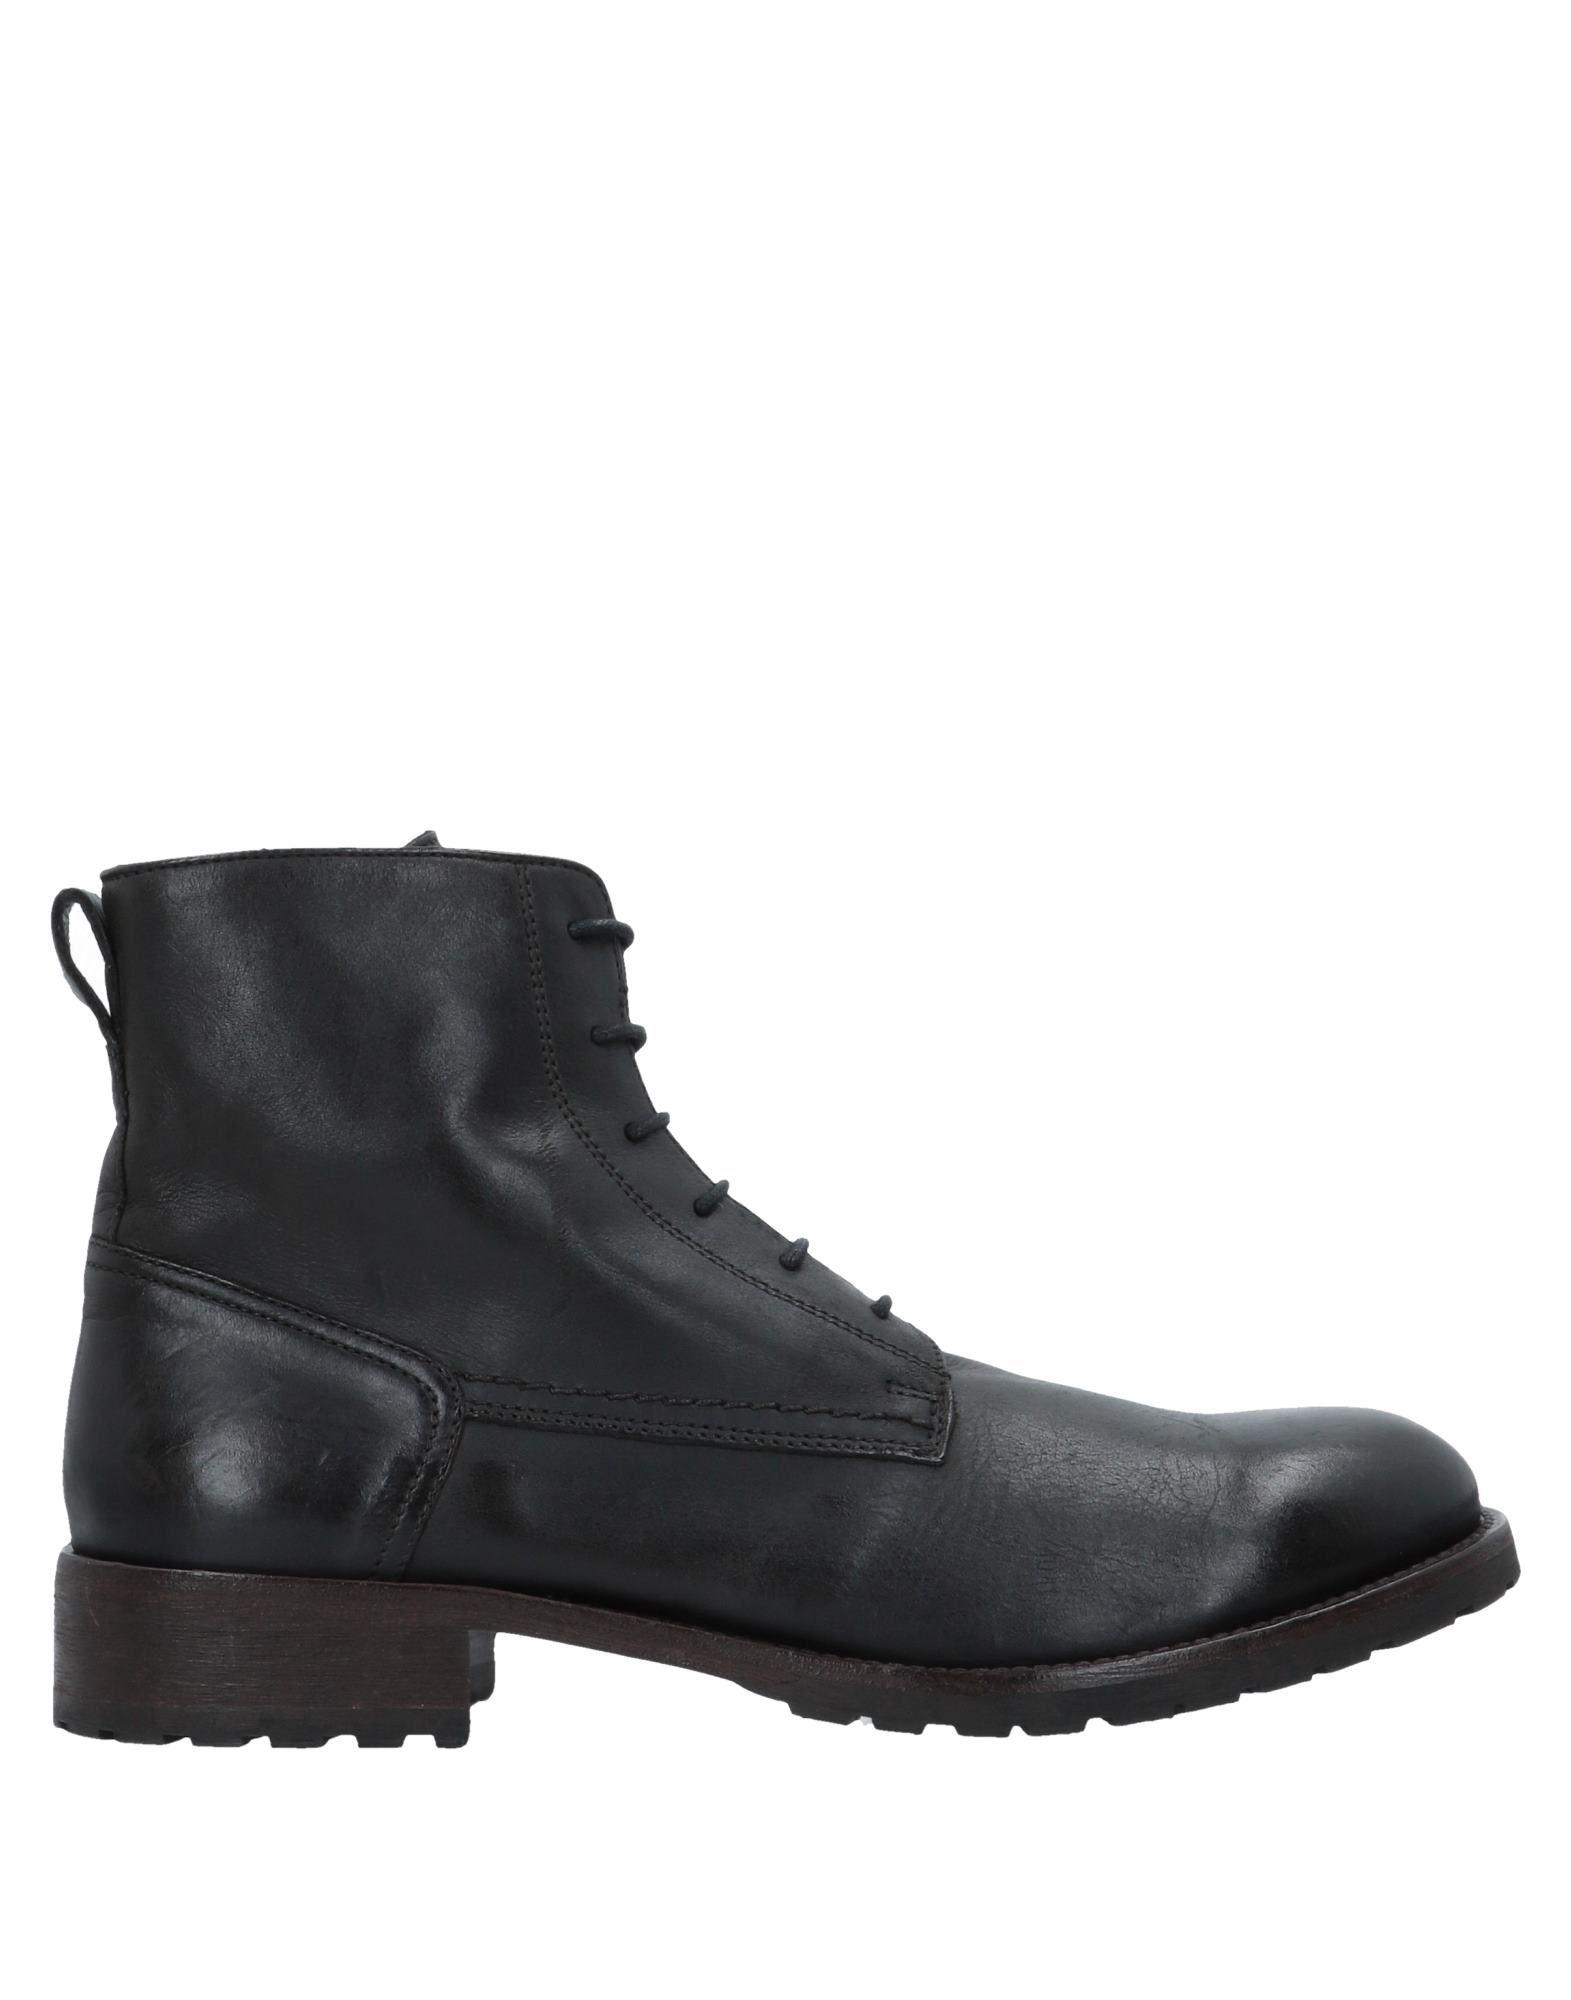 Belstaff Stiefelette Herren  11535735DF Gute Qualität beliebte Schuhe